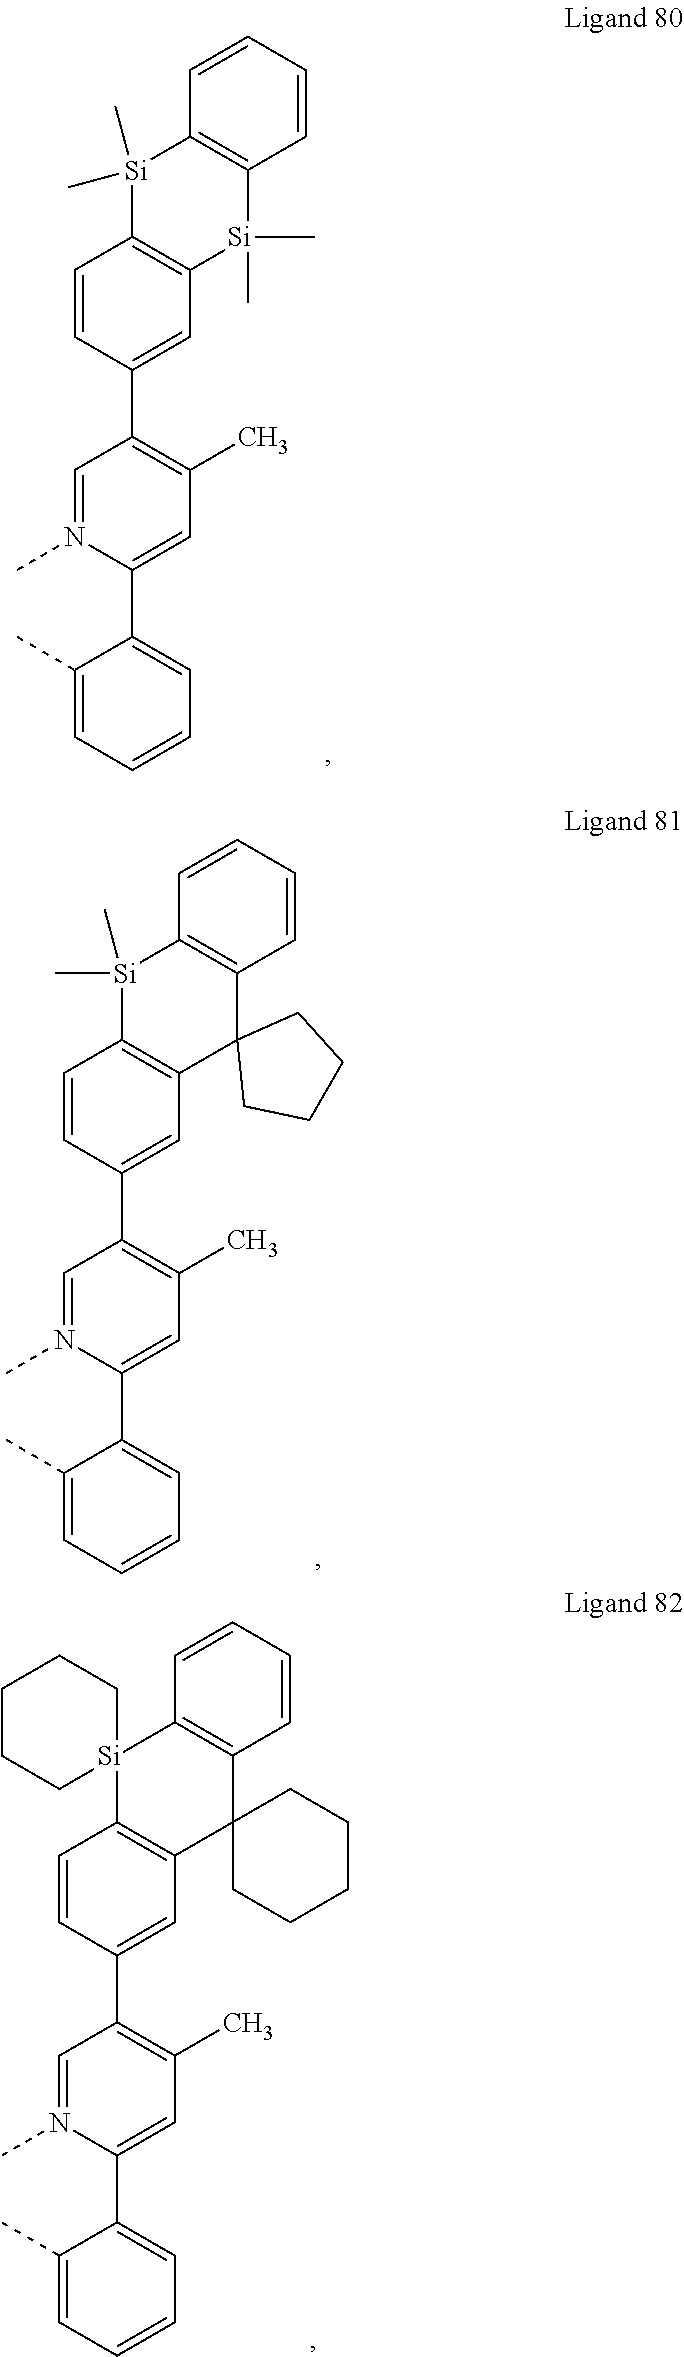 Figure US20180130962A1-20180510-C00245